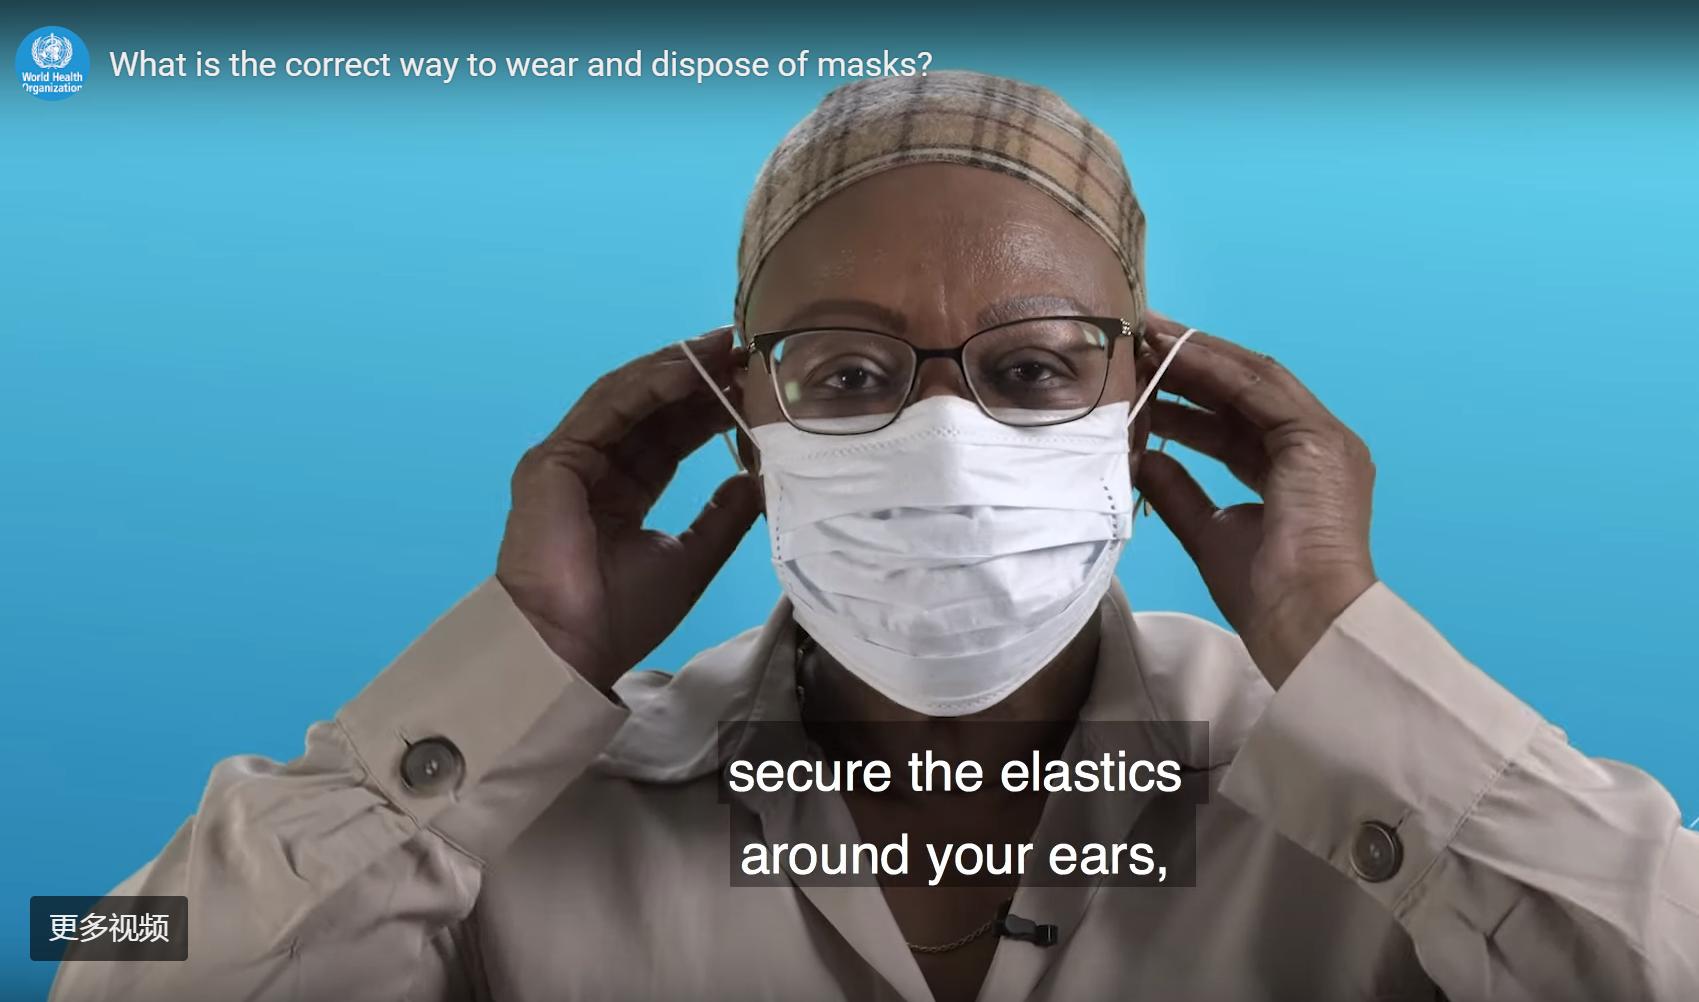 CDC新冠病毒自我防护建议!除了口罩还有这些一定不能忽视!_图1-3